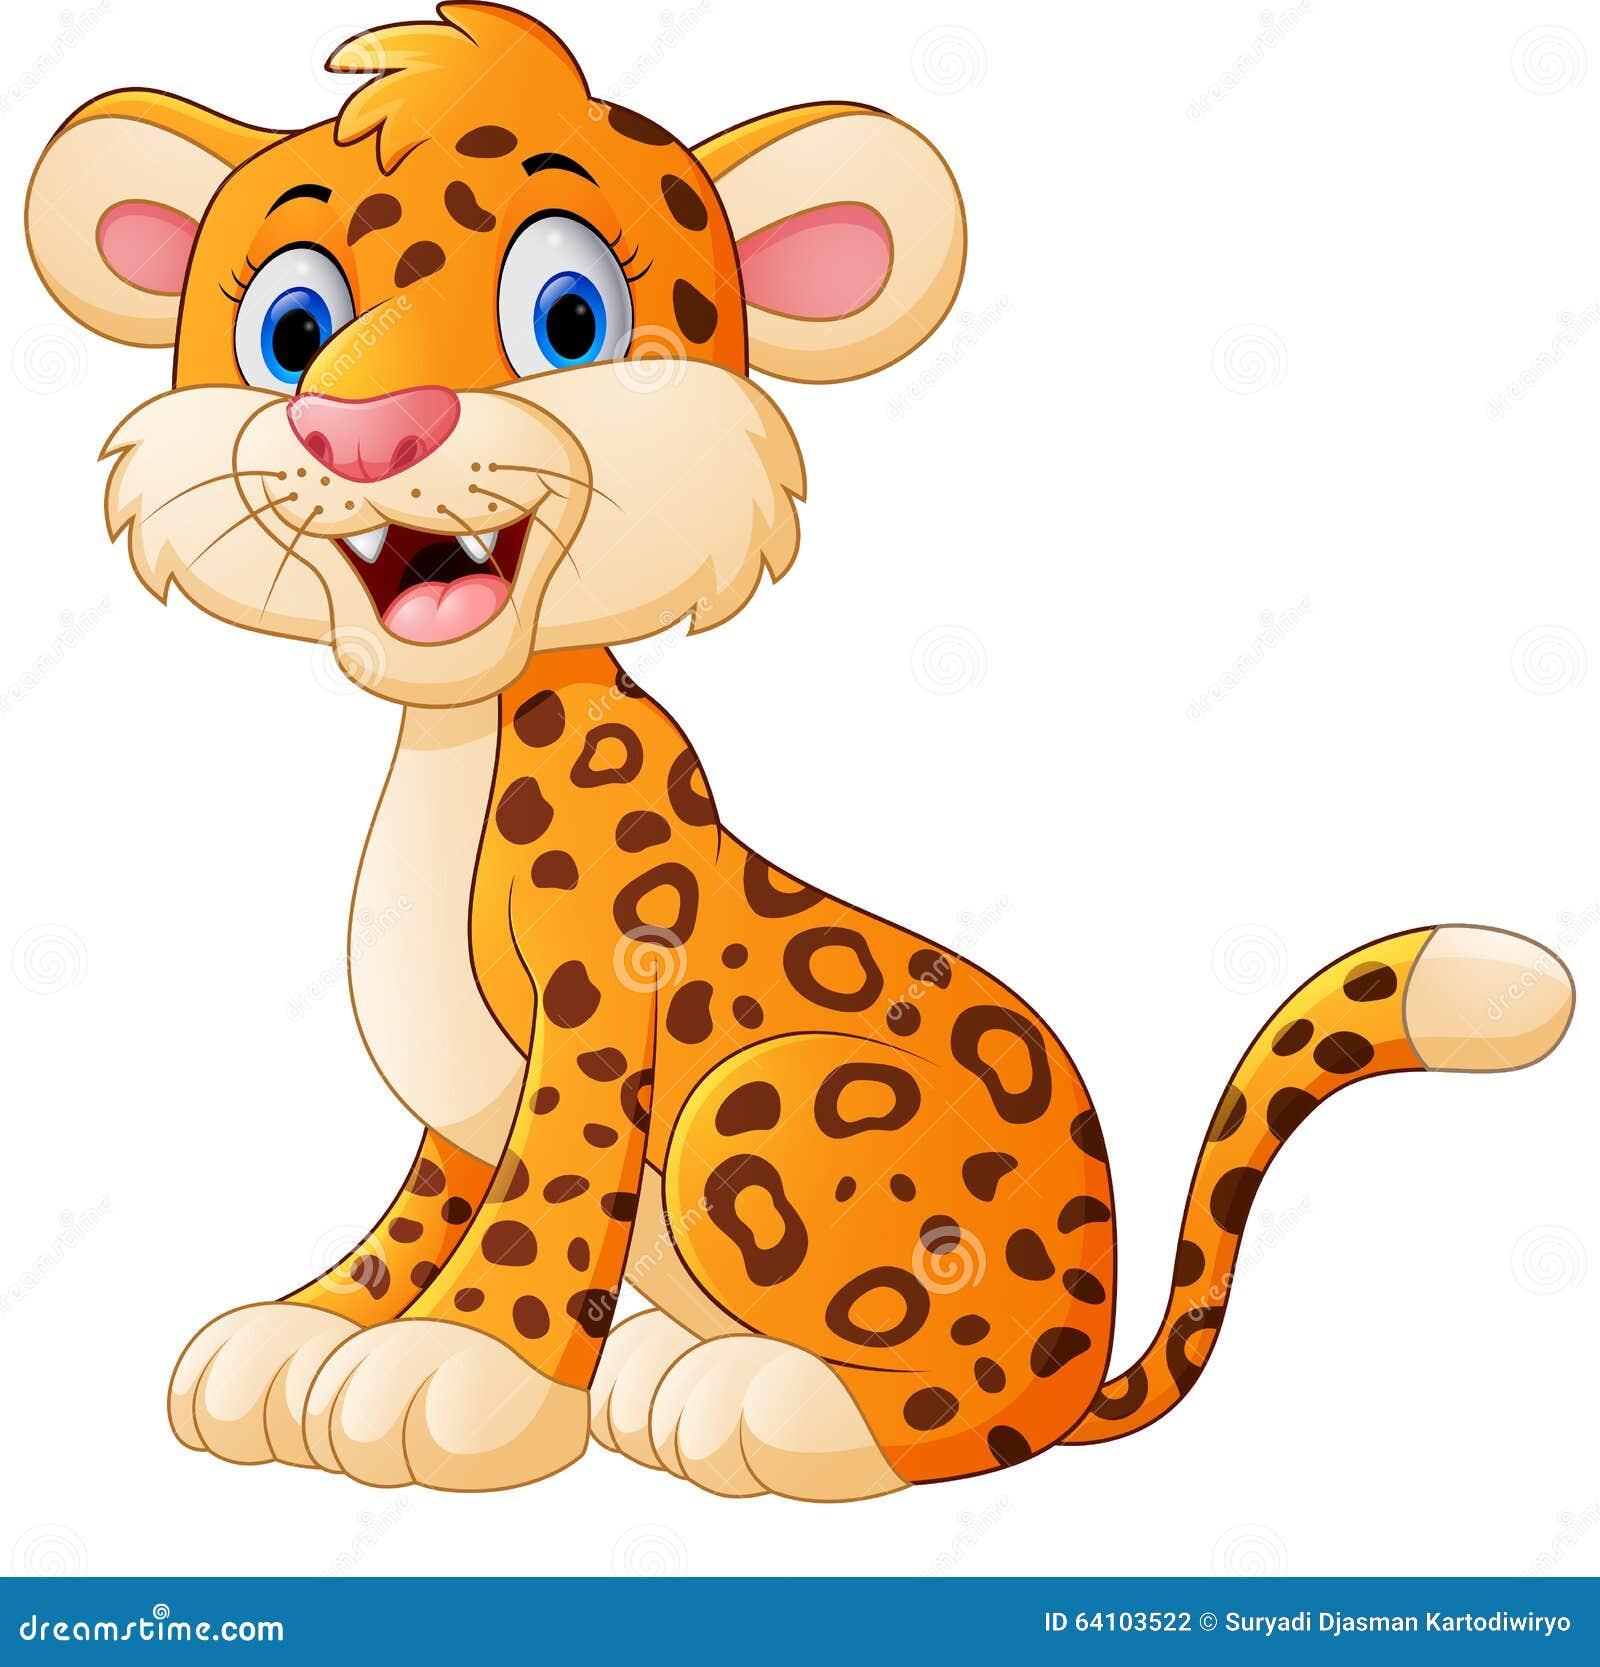 Cute Cheetah Cartoon Stock Vector - Image: 64103522